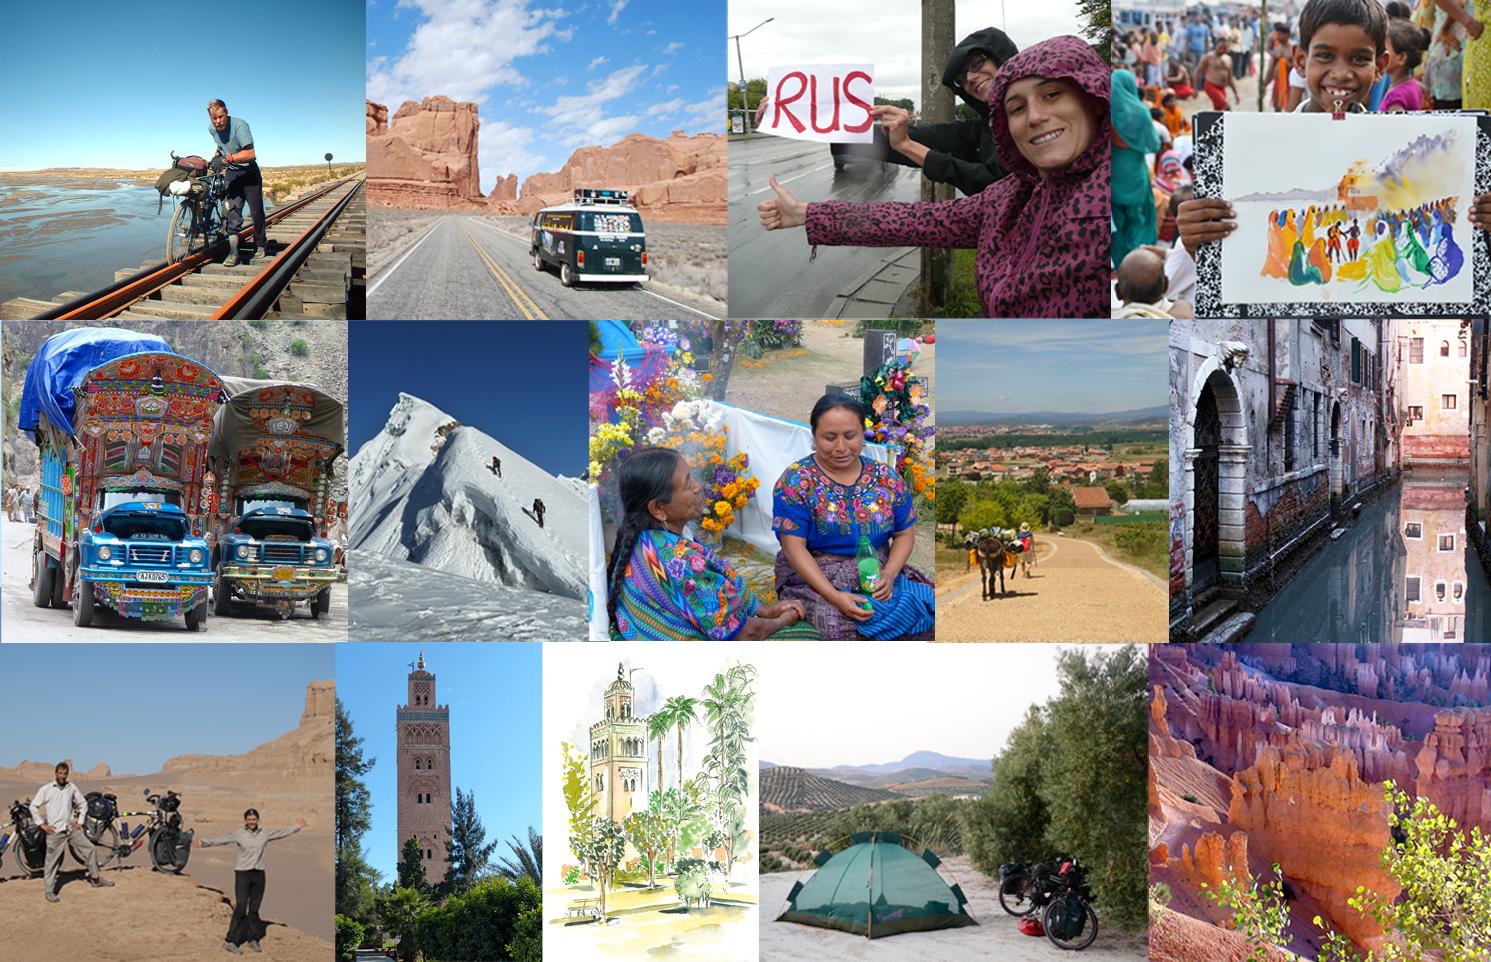 Festival rencontres de l'aventure